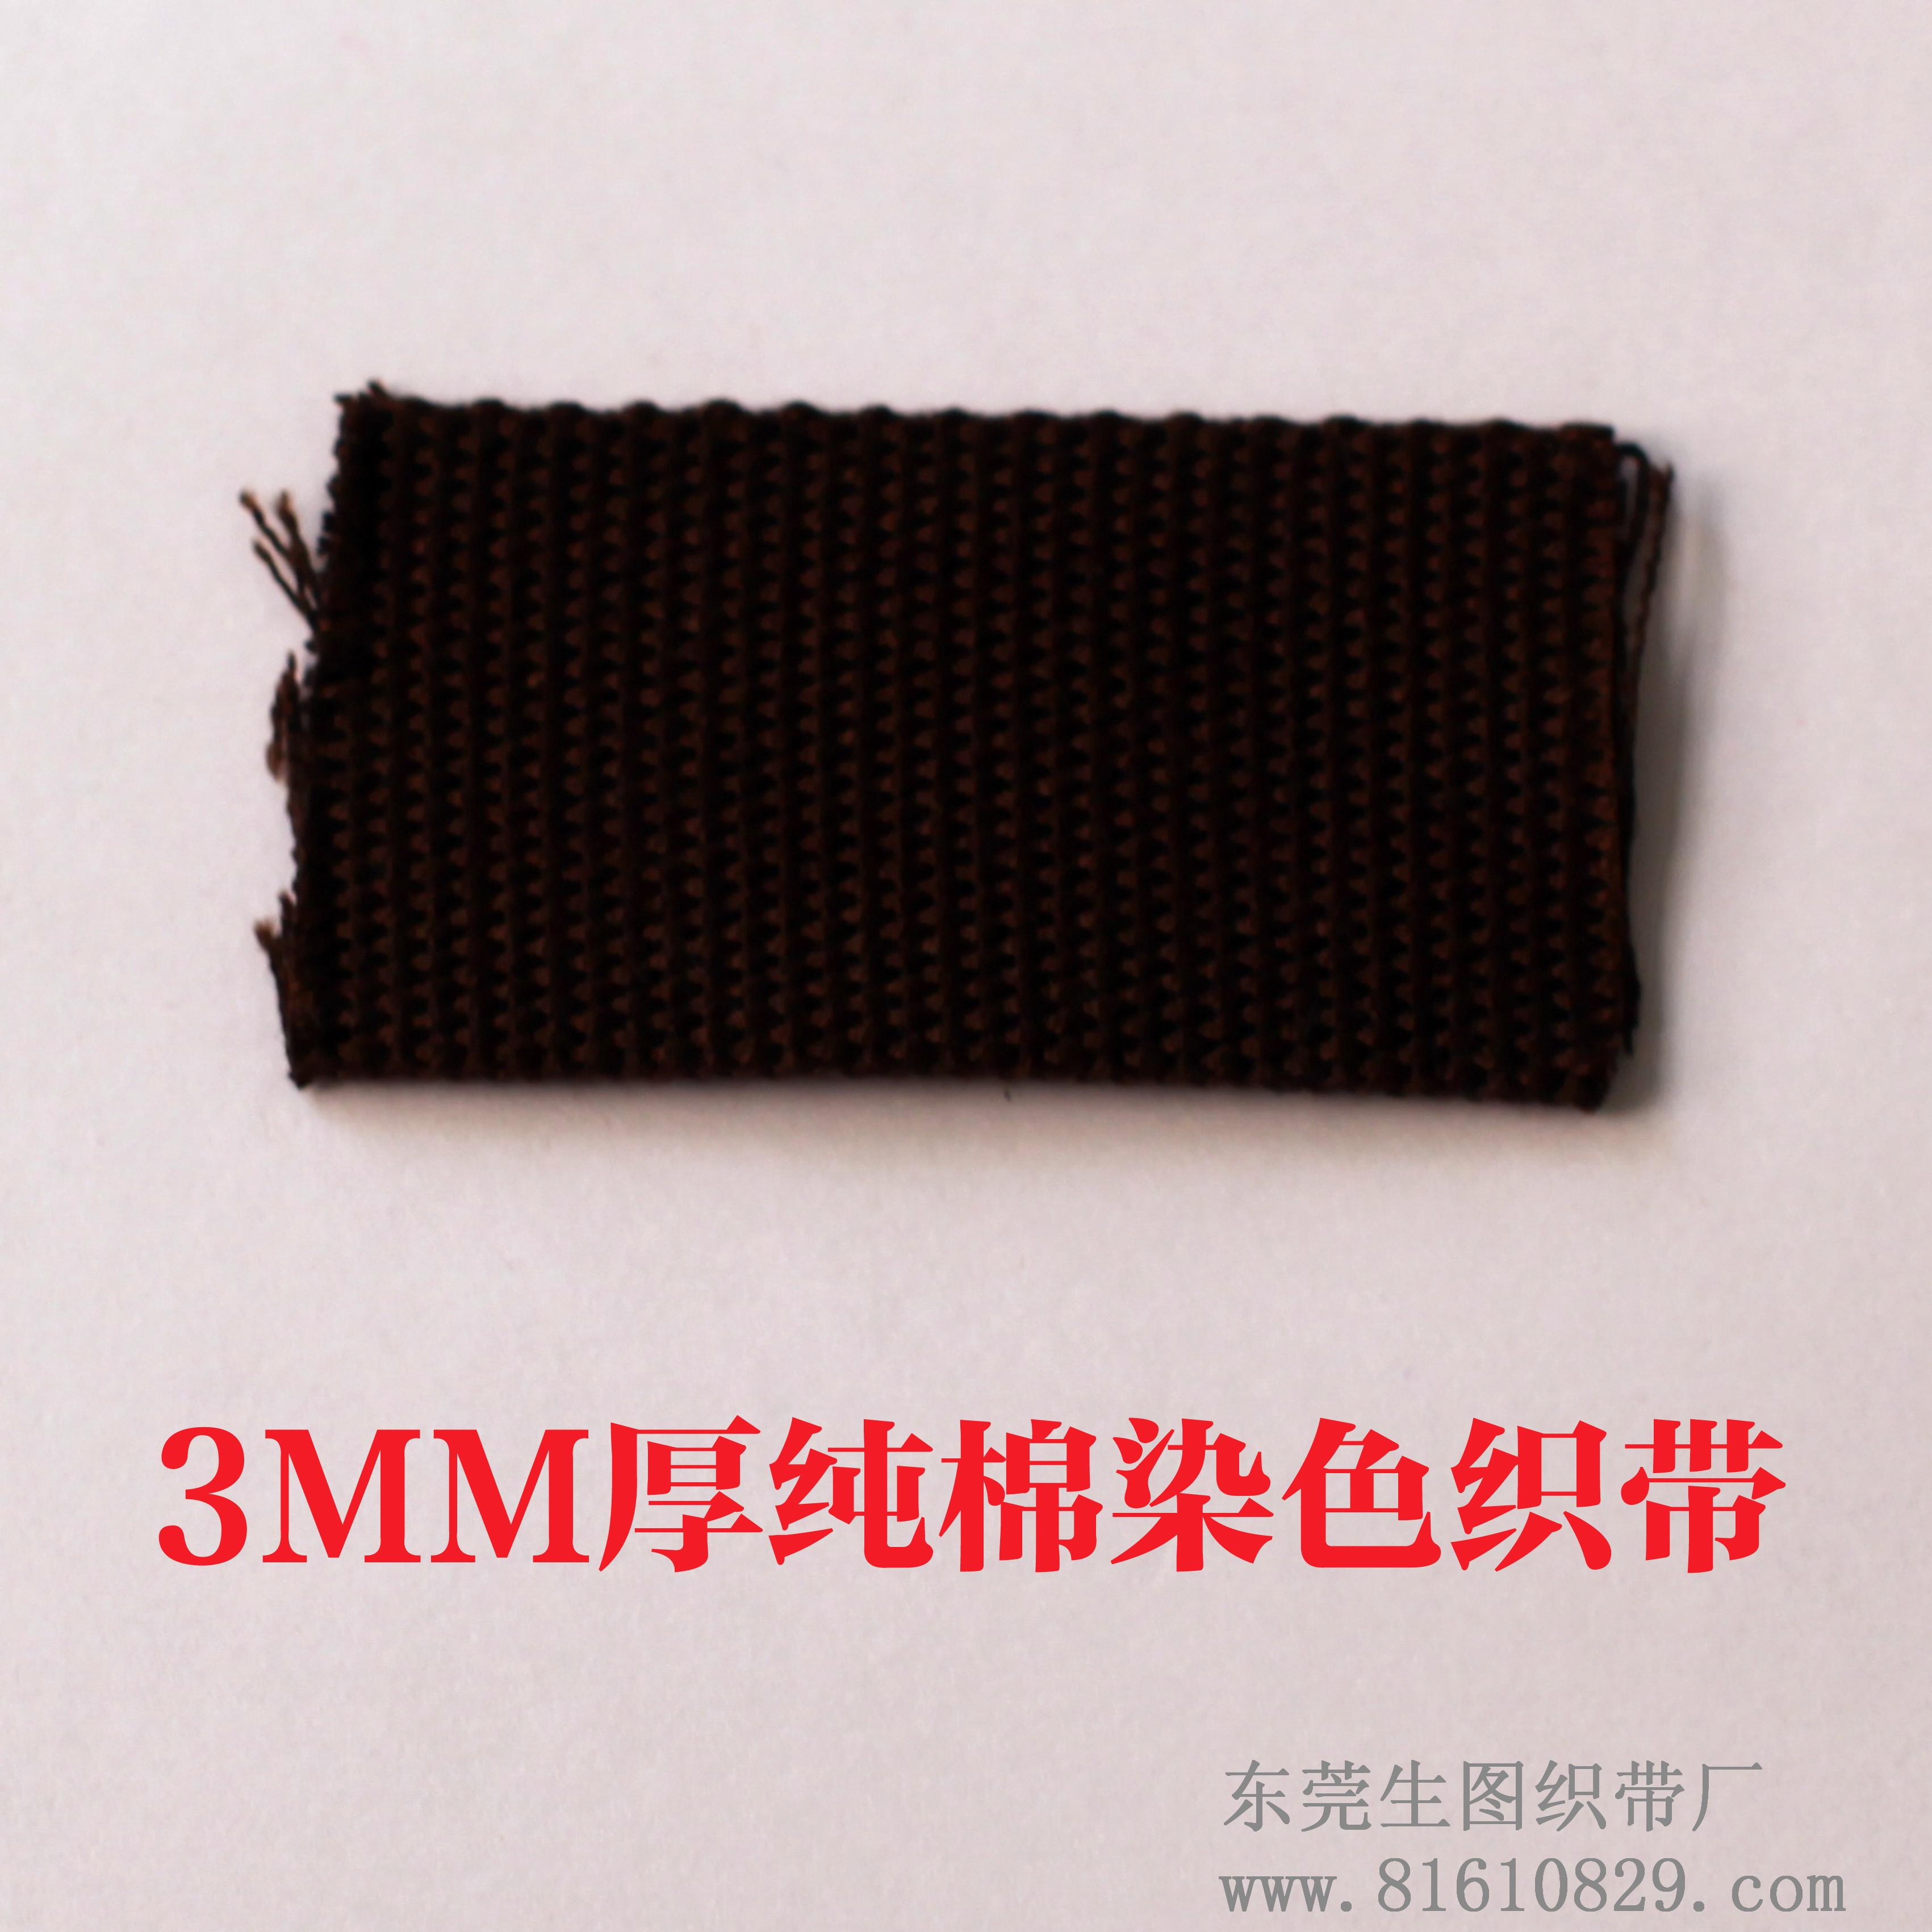 专业订做全棉加厚织带 服装辅料织带批发生产厂家